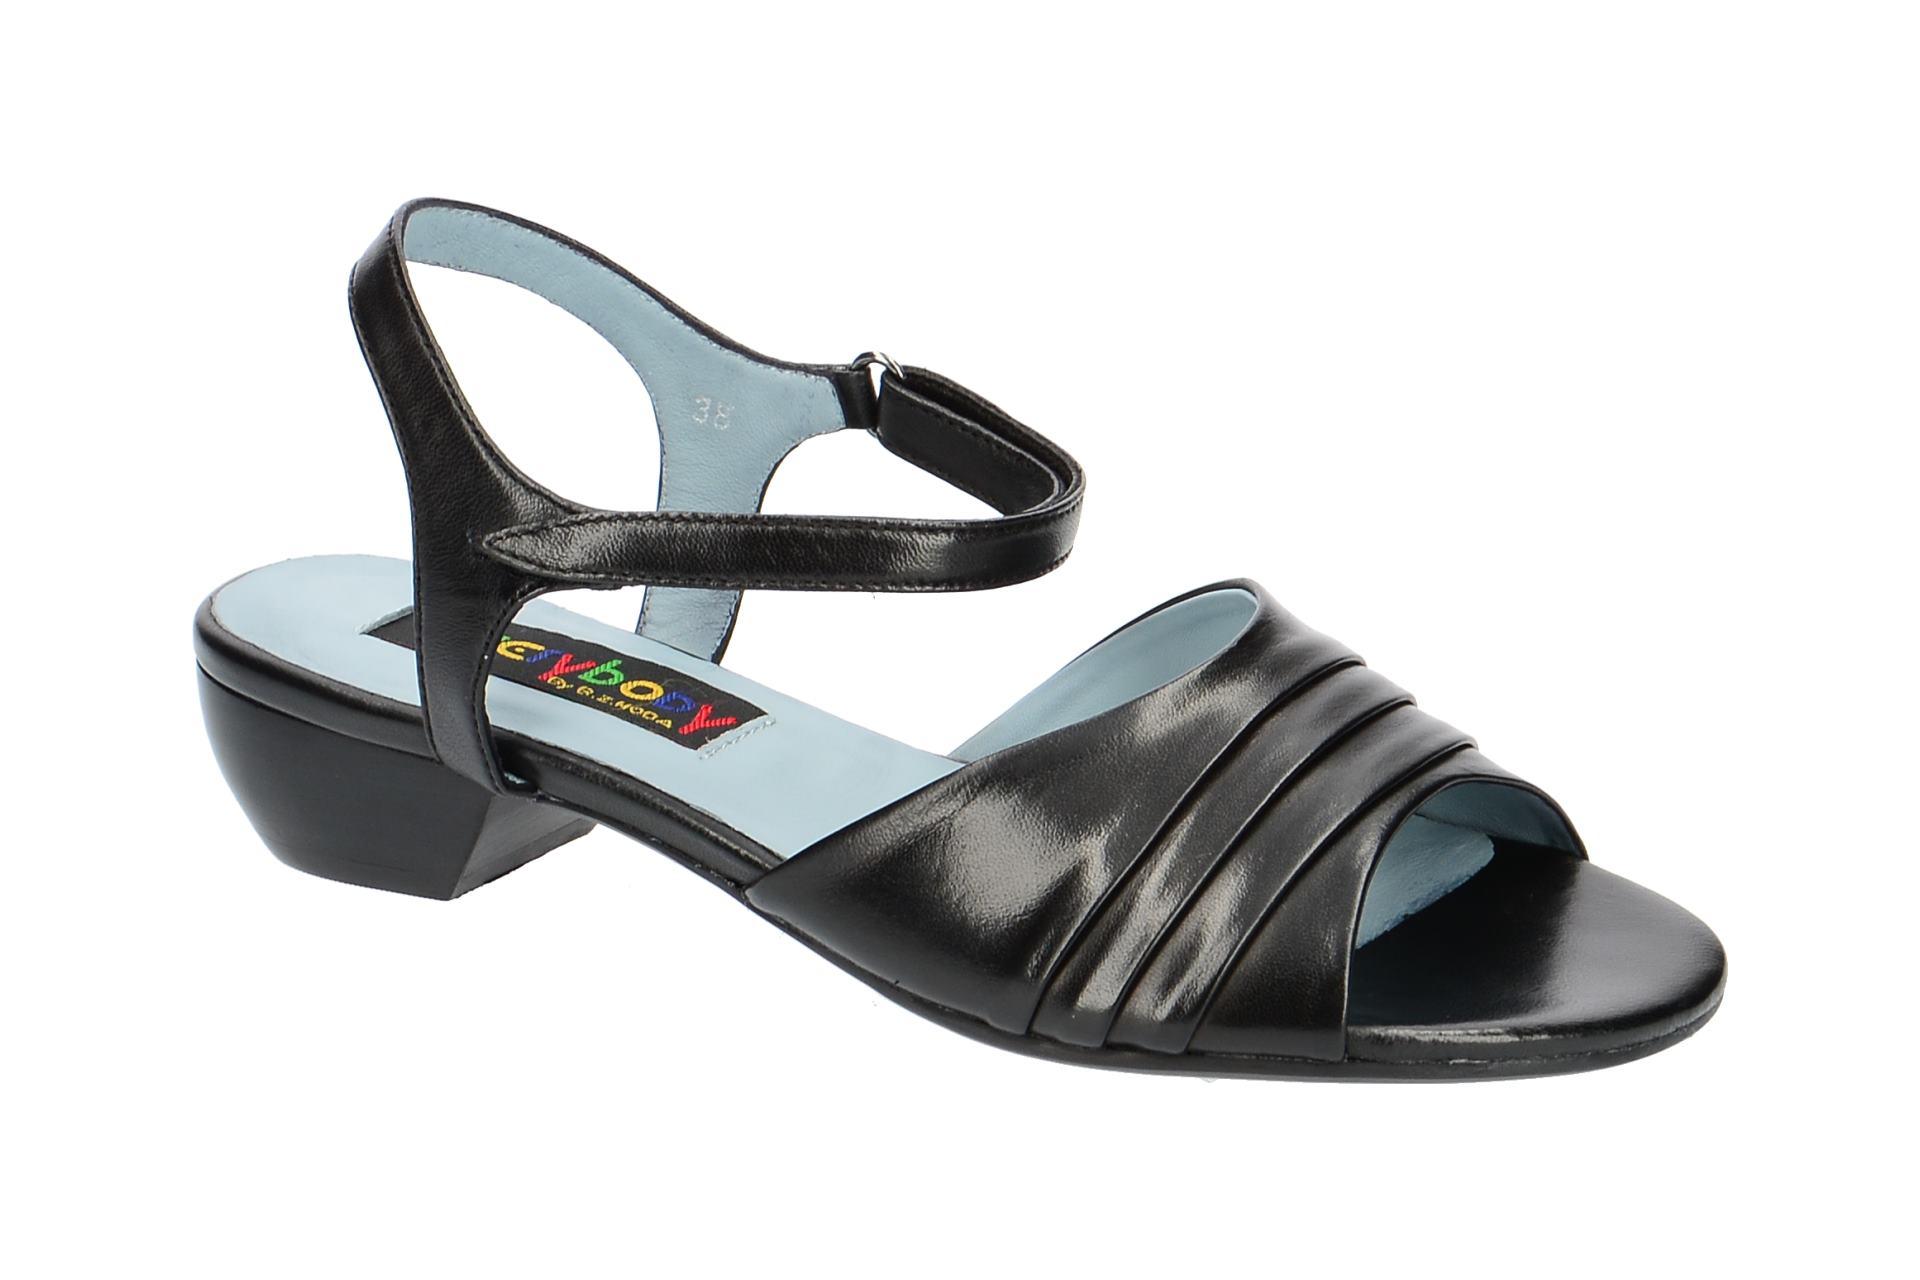 Billige Amazon Everybody 20891 Riemchen Sandale für Damen in schwarz - 20891S4114 nero Billig Verkauf Empfehlen Besuchen Online f8sCT4HyR